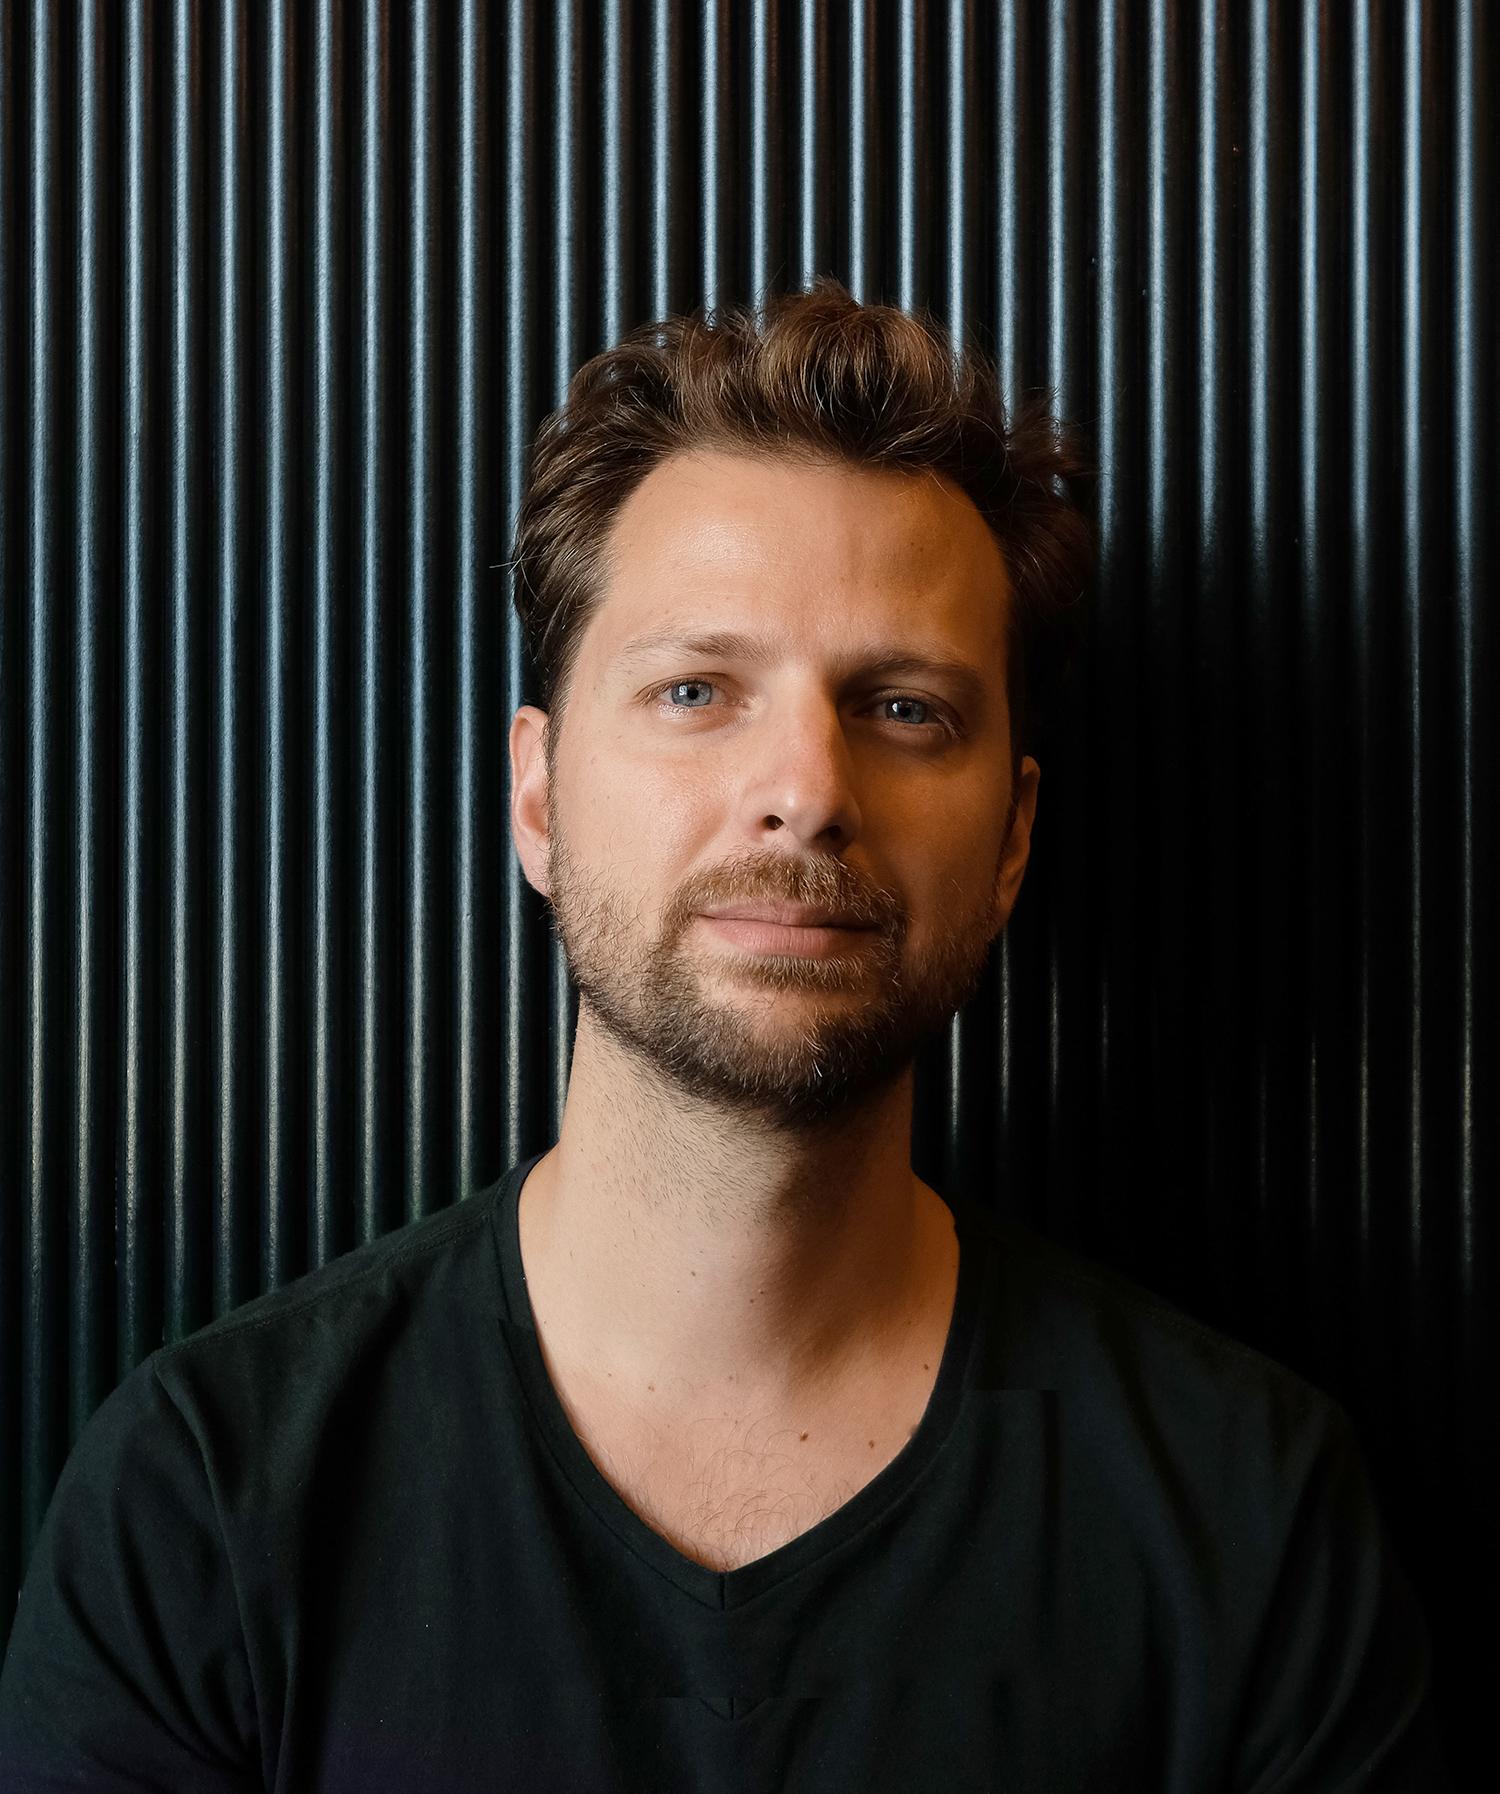 Andreas Lambrinos portrait